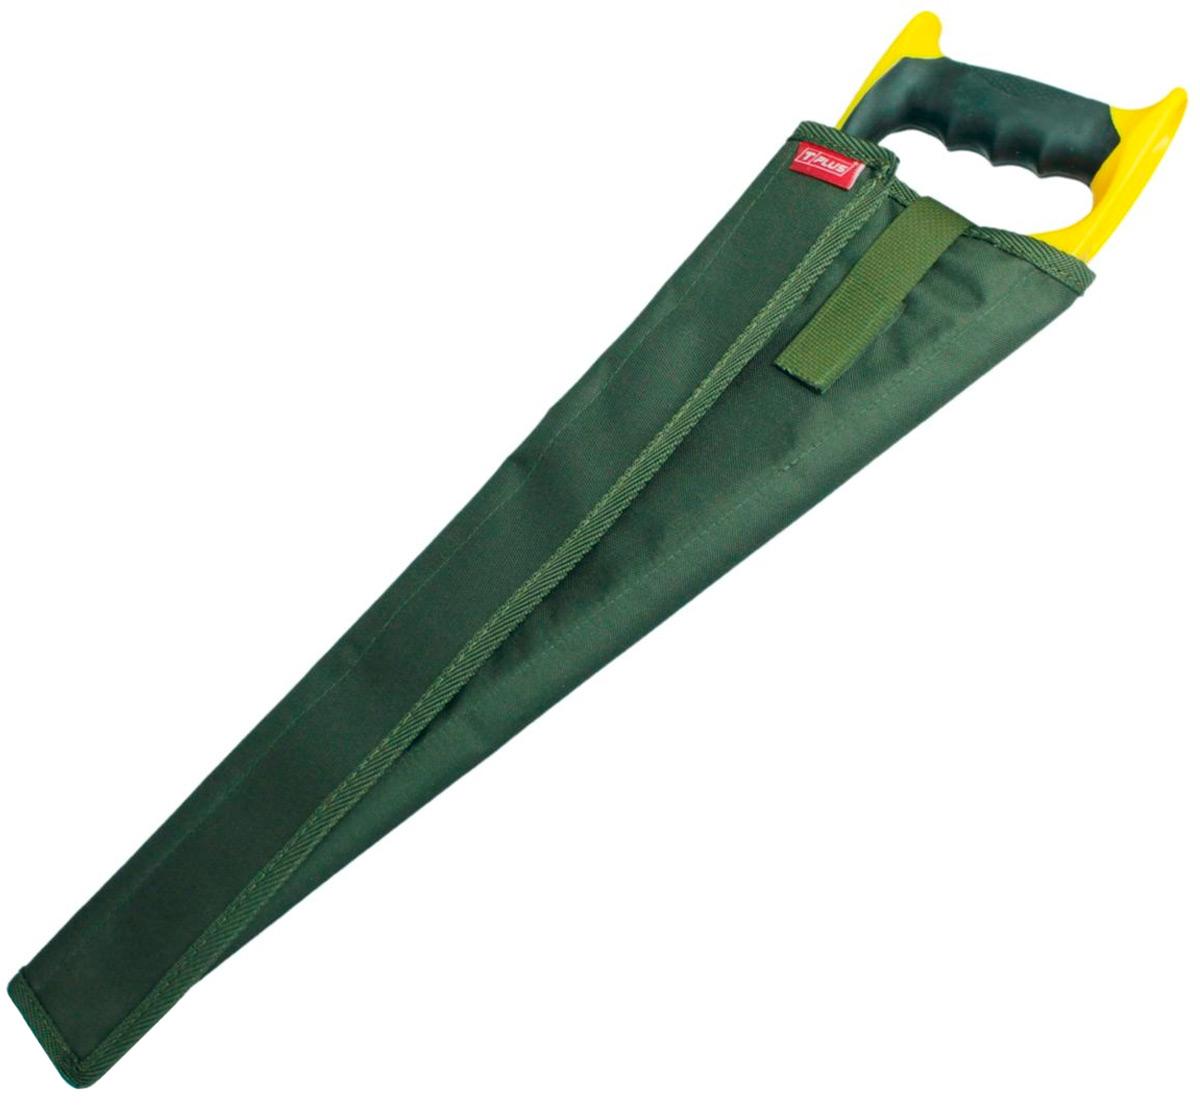 Чехол для ножовки Tplus, кордура 900, цвет: темно-зеленый, 55 смT014738Чехол для ножовки удобная и полезная вещь. Благодаря ему можно положить ножовку в сумку или рюкзак без какого-либо ущерба. Чехол является разъемным и позволяет просто обернуть его вокруг ножовки. В зависимости от ее ширины чехол можно сделать плотнее или свободнее.Его длина – 550 мм, изготовлен он из ткани кордура 900, которая имеет высокую прочность на разрыв и стойкость к истиранию. Закрывается чехол при помощи текстильной ленты-липучки, пришитой вдоль него. Также на нем предусмотрен специальный язычок на липучке, который с одной стороны просовывается сквозь ручку ножовки, а с другой стороны крепится на чехол, создавая фиксацию.Приобретая чехол для ножовки, вы обеспечиваете безопасную переноску режущего предмета, а также защищаете его от грязи, пыли и влаги.